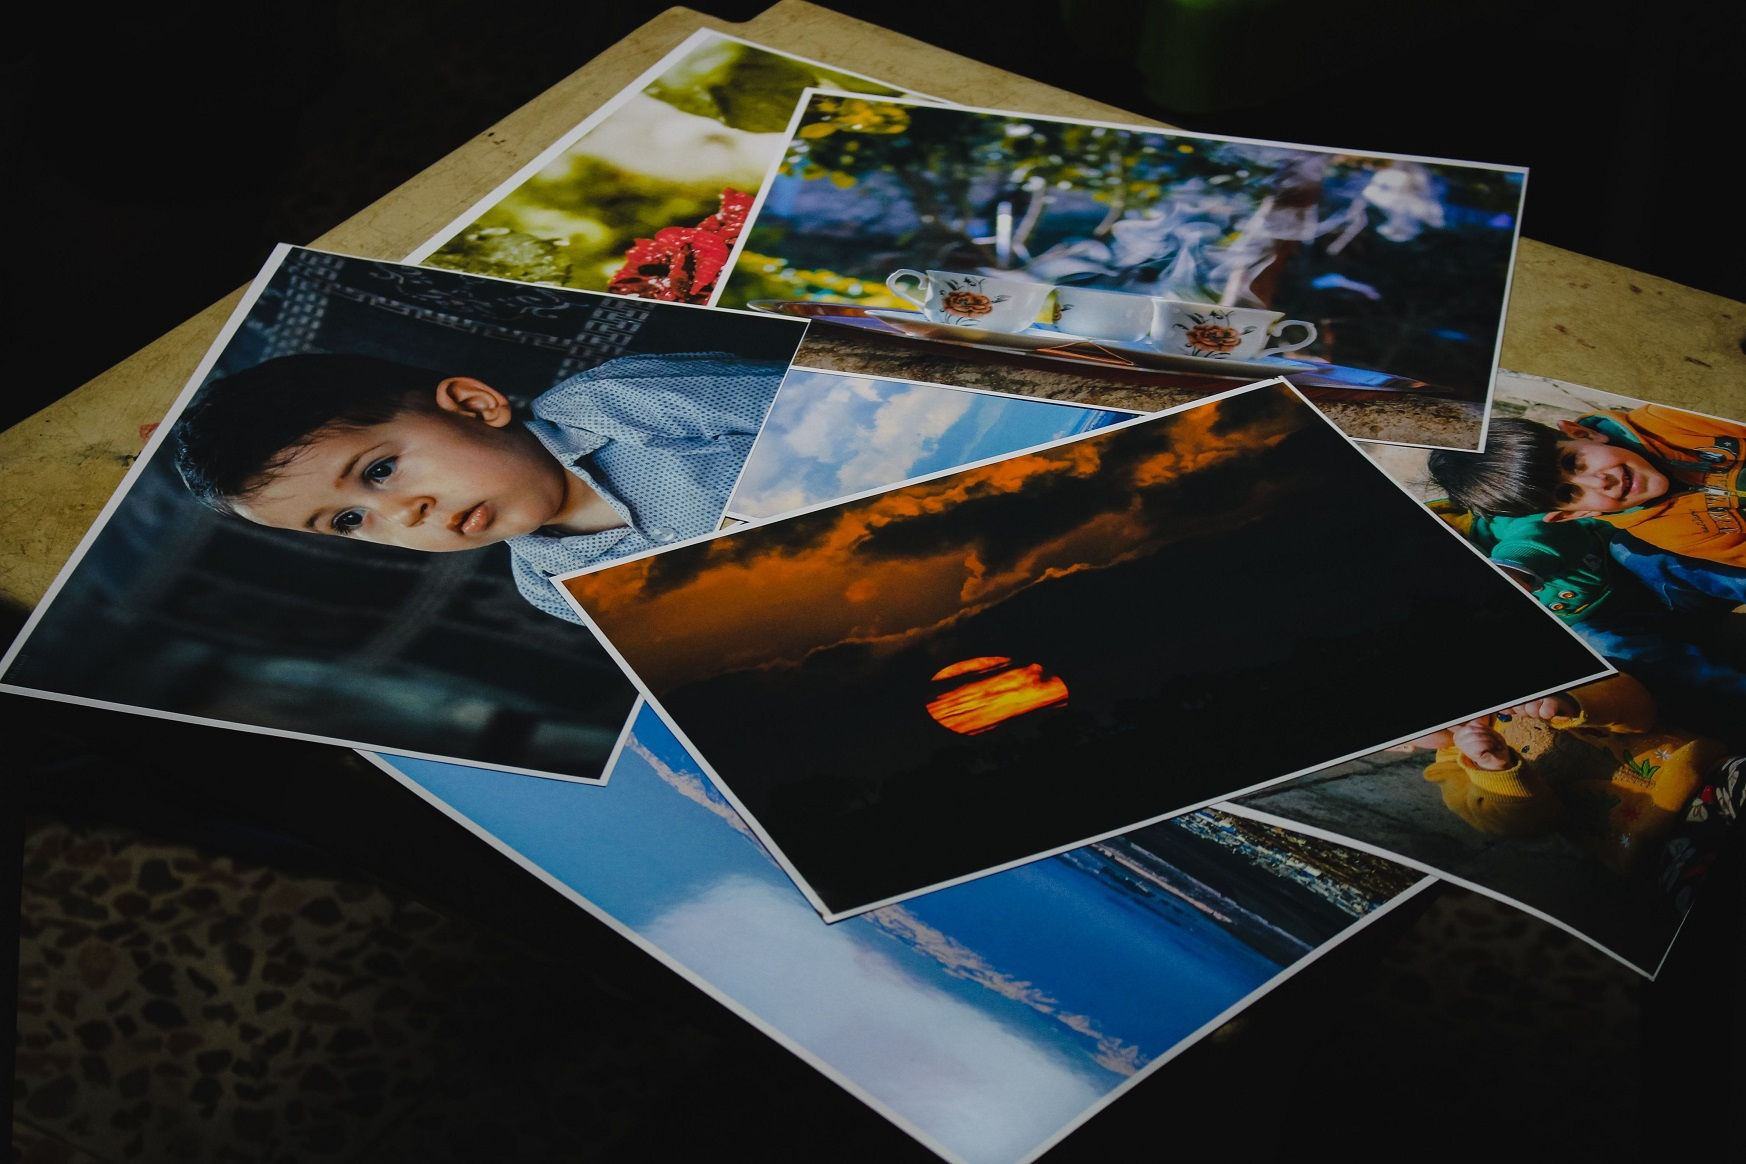 Verhogen van klantbeleving op je website - Afbeeldingen op je website